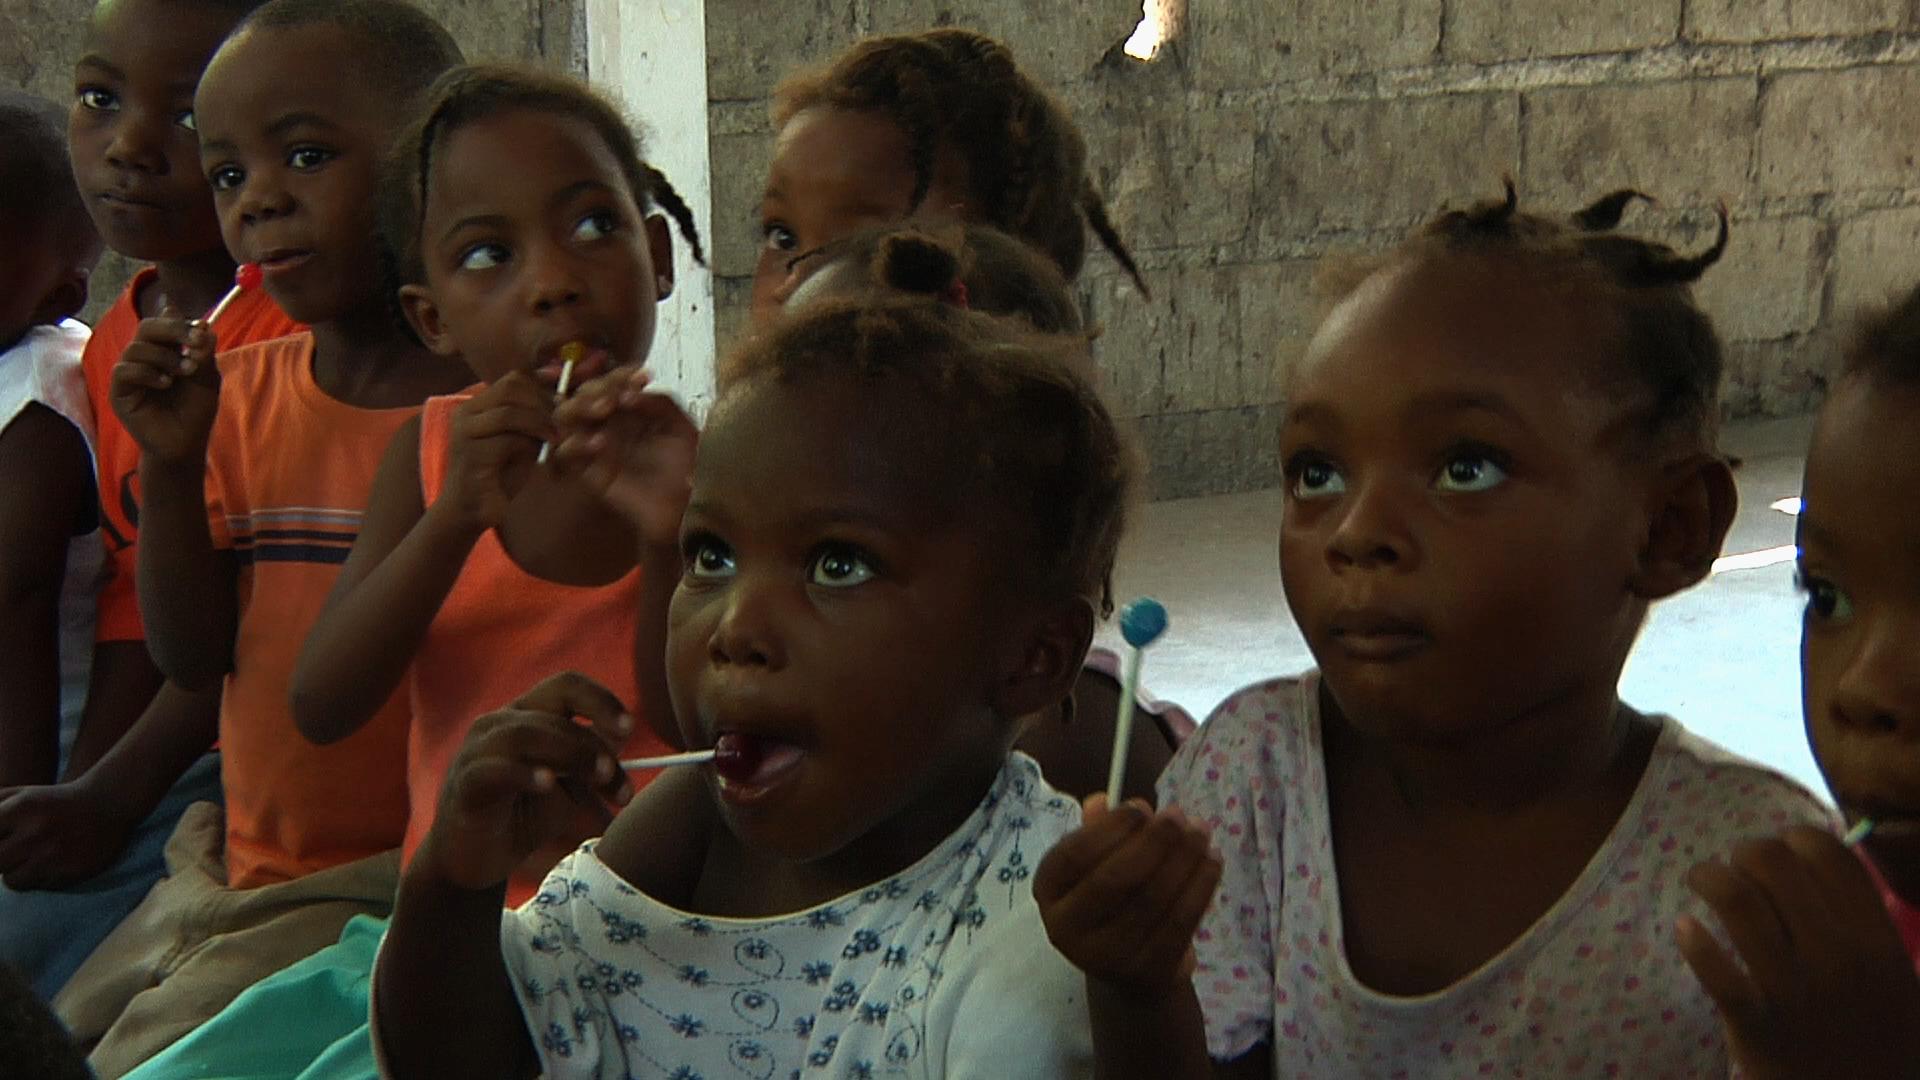 HAITI_LOLLIPOPS2_STILL.jpg